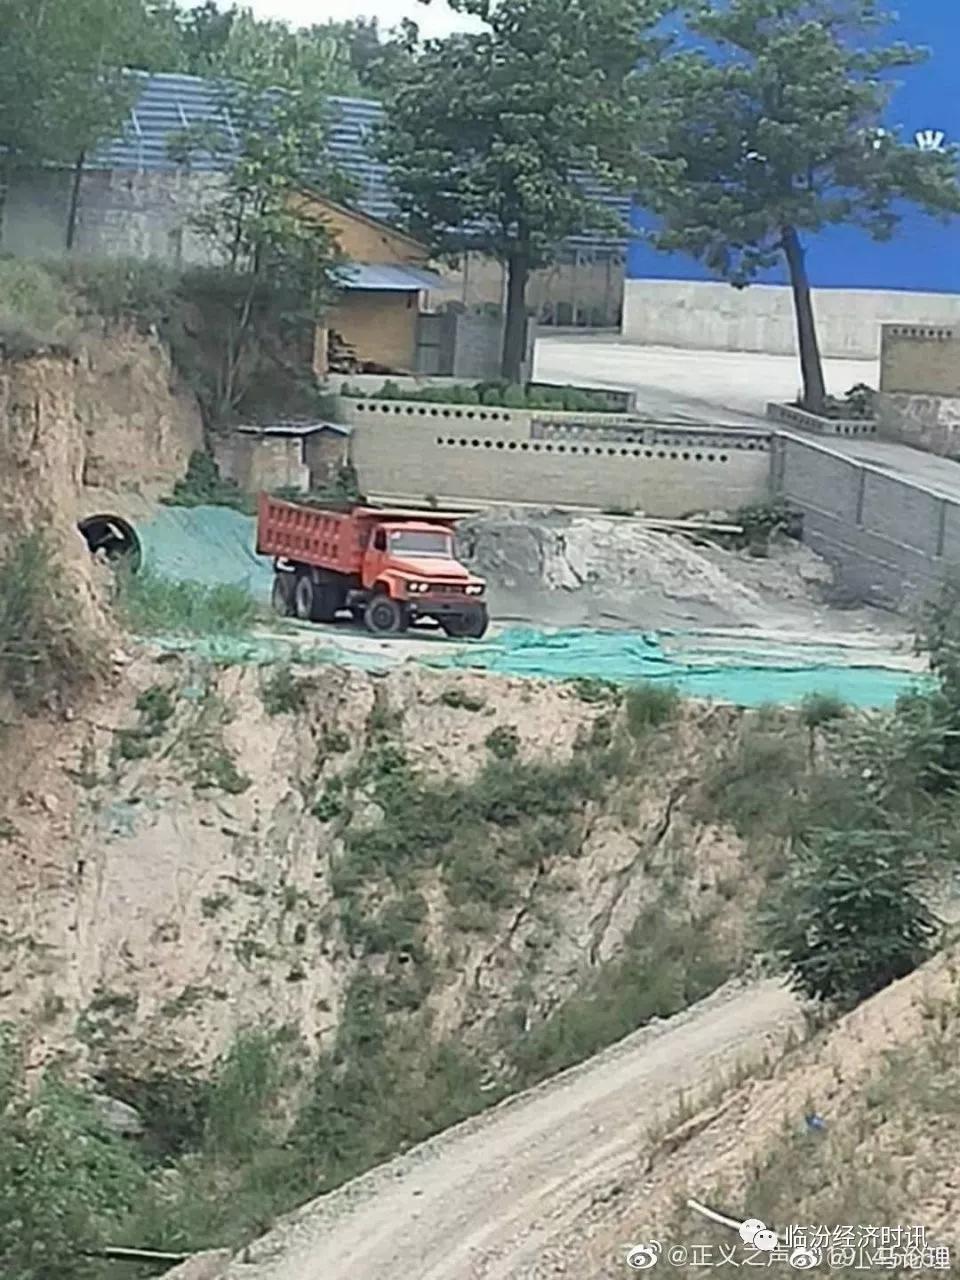 山西临汾_浮山县新华选矿厂废渣,废水随意倾倒随意排出